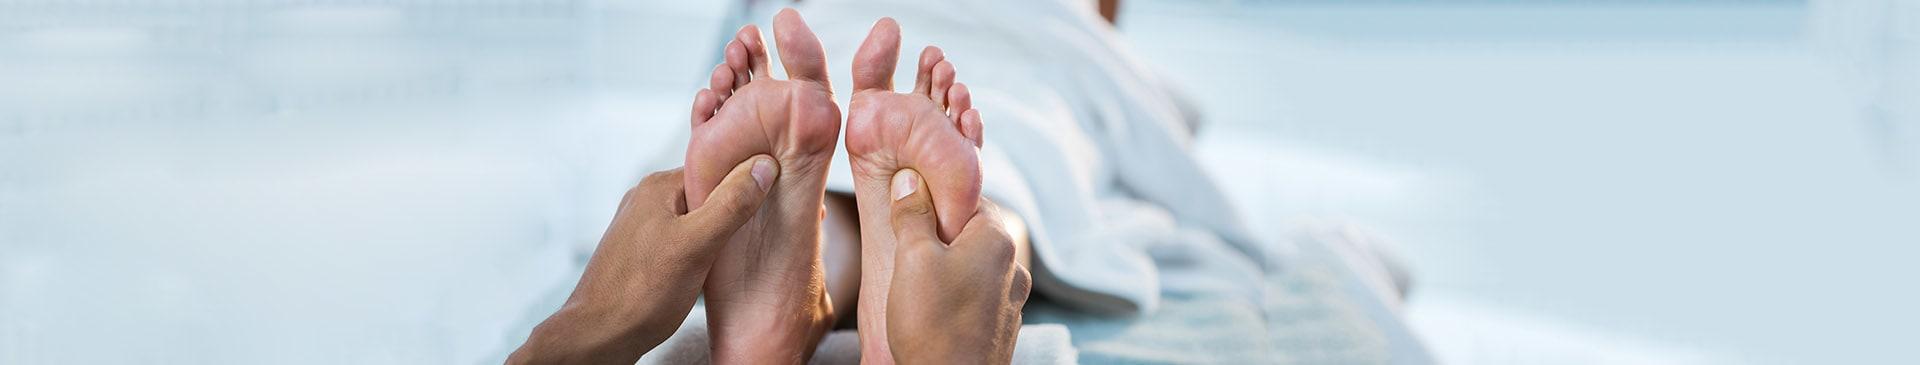 alternatieve therapie om emoties te verwerken: marma-therapie